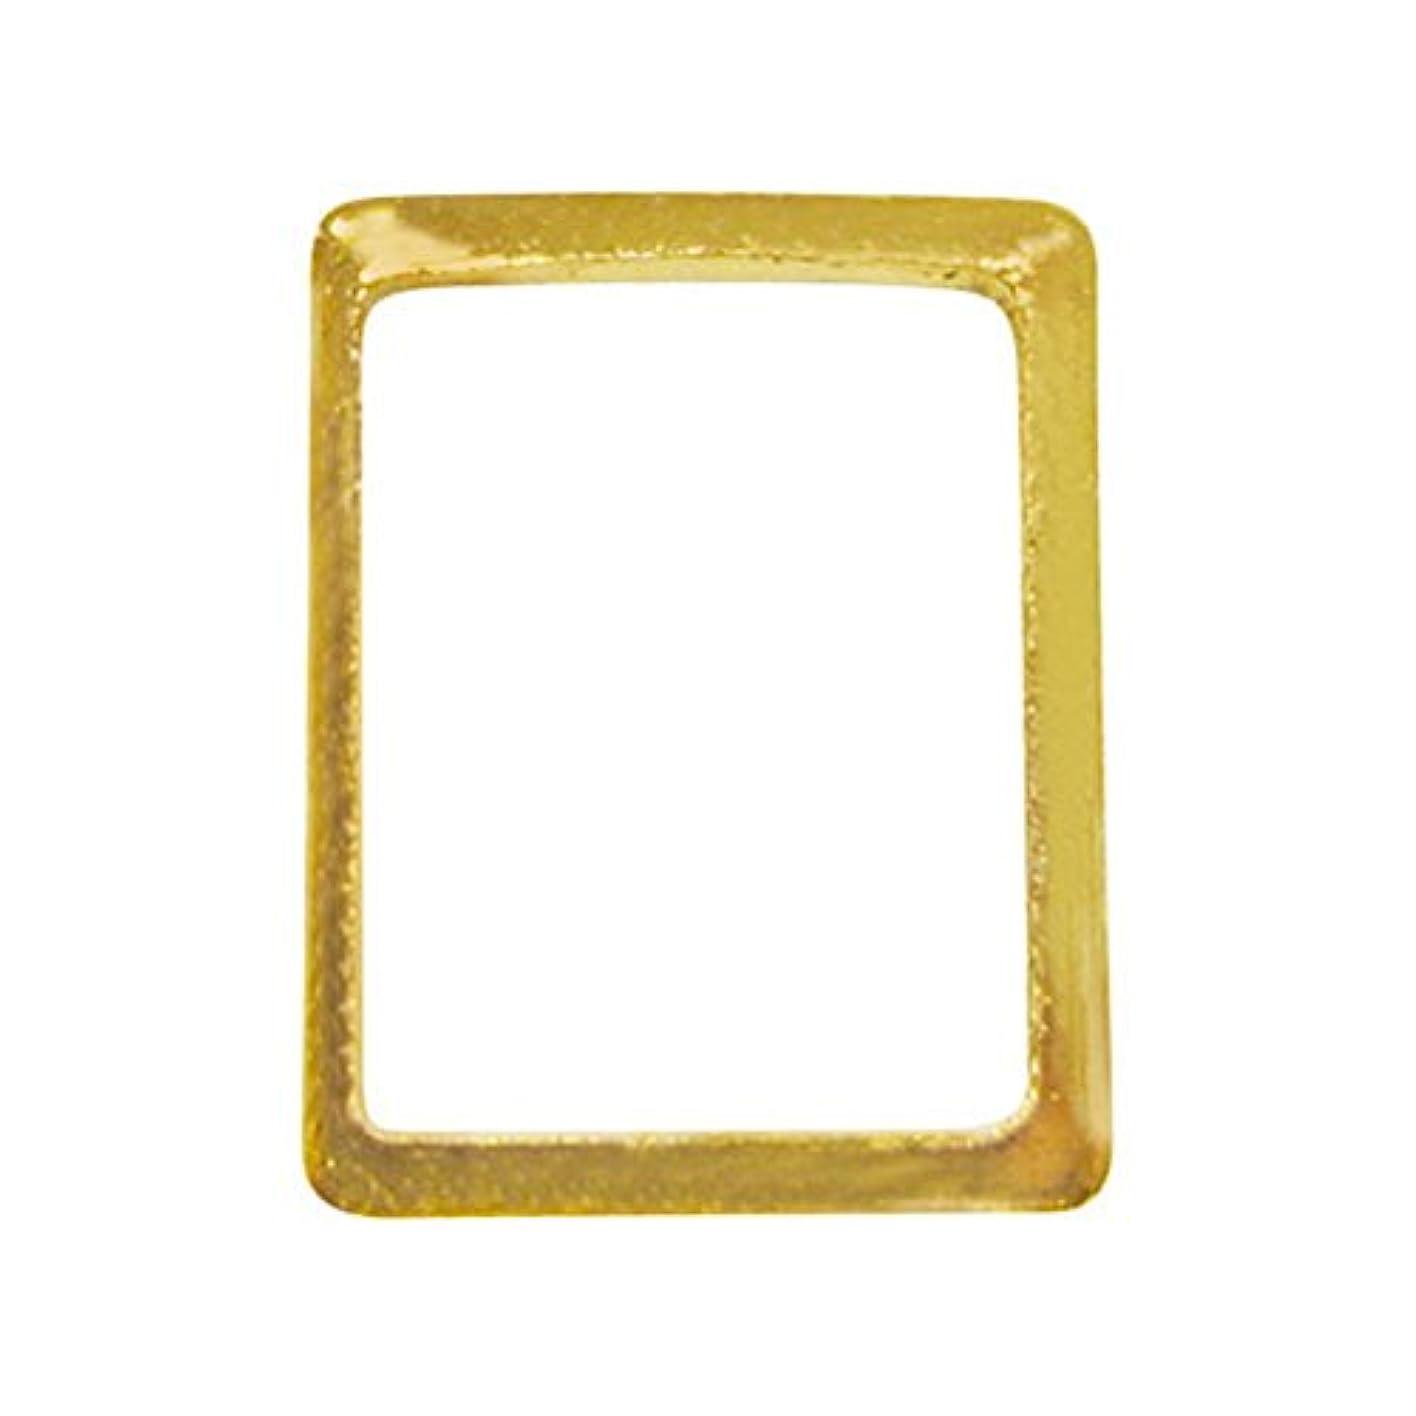 あなたはデマンドジェットサンシャインベビー ジェルネイル シンプル スクエアフレームM(長方形ゴールド) 10P